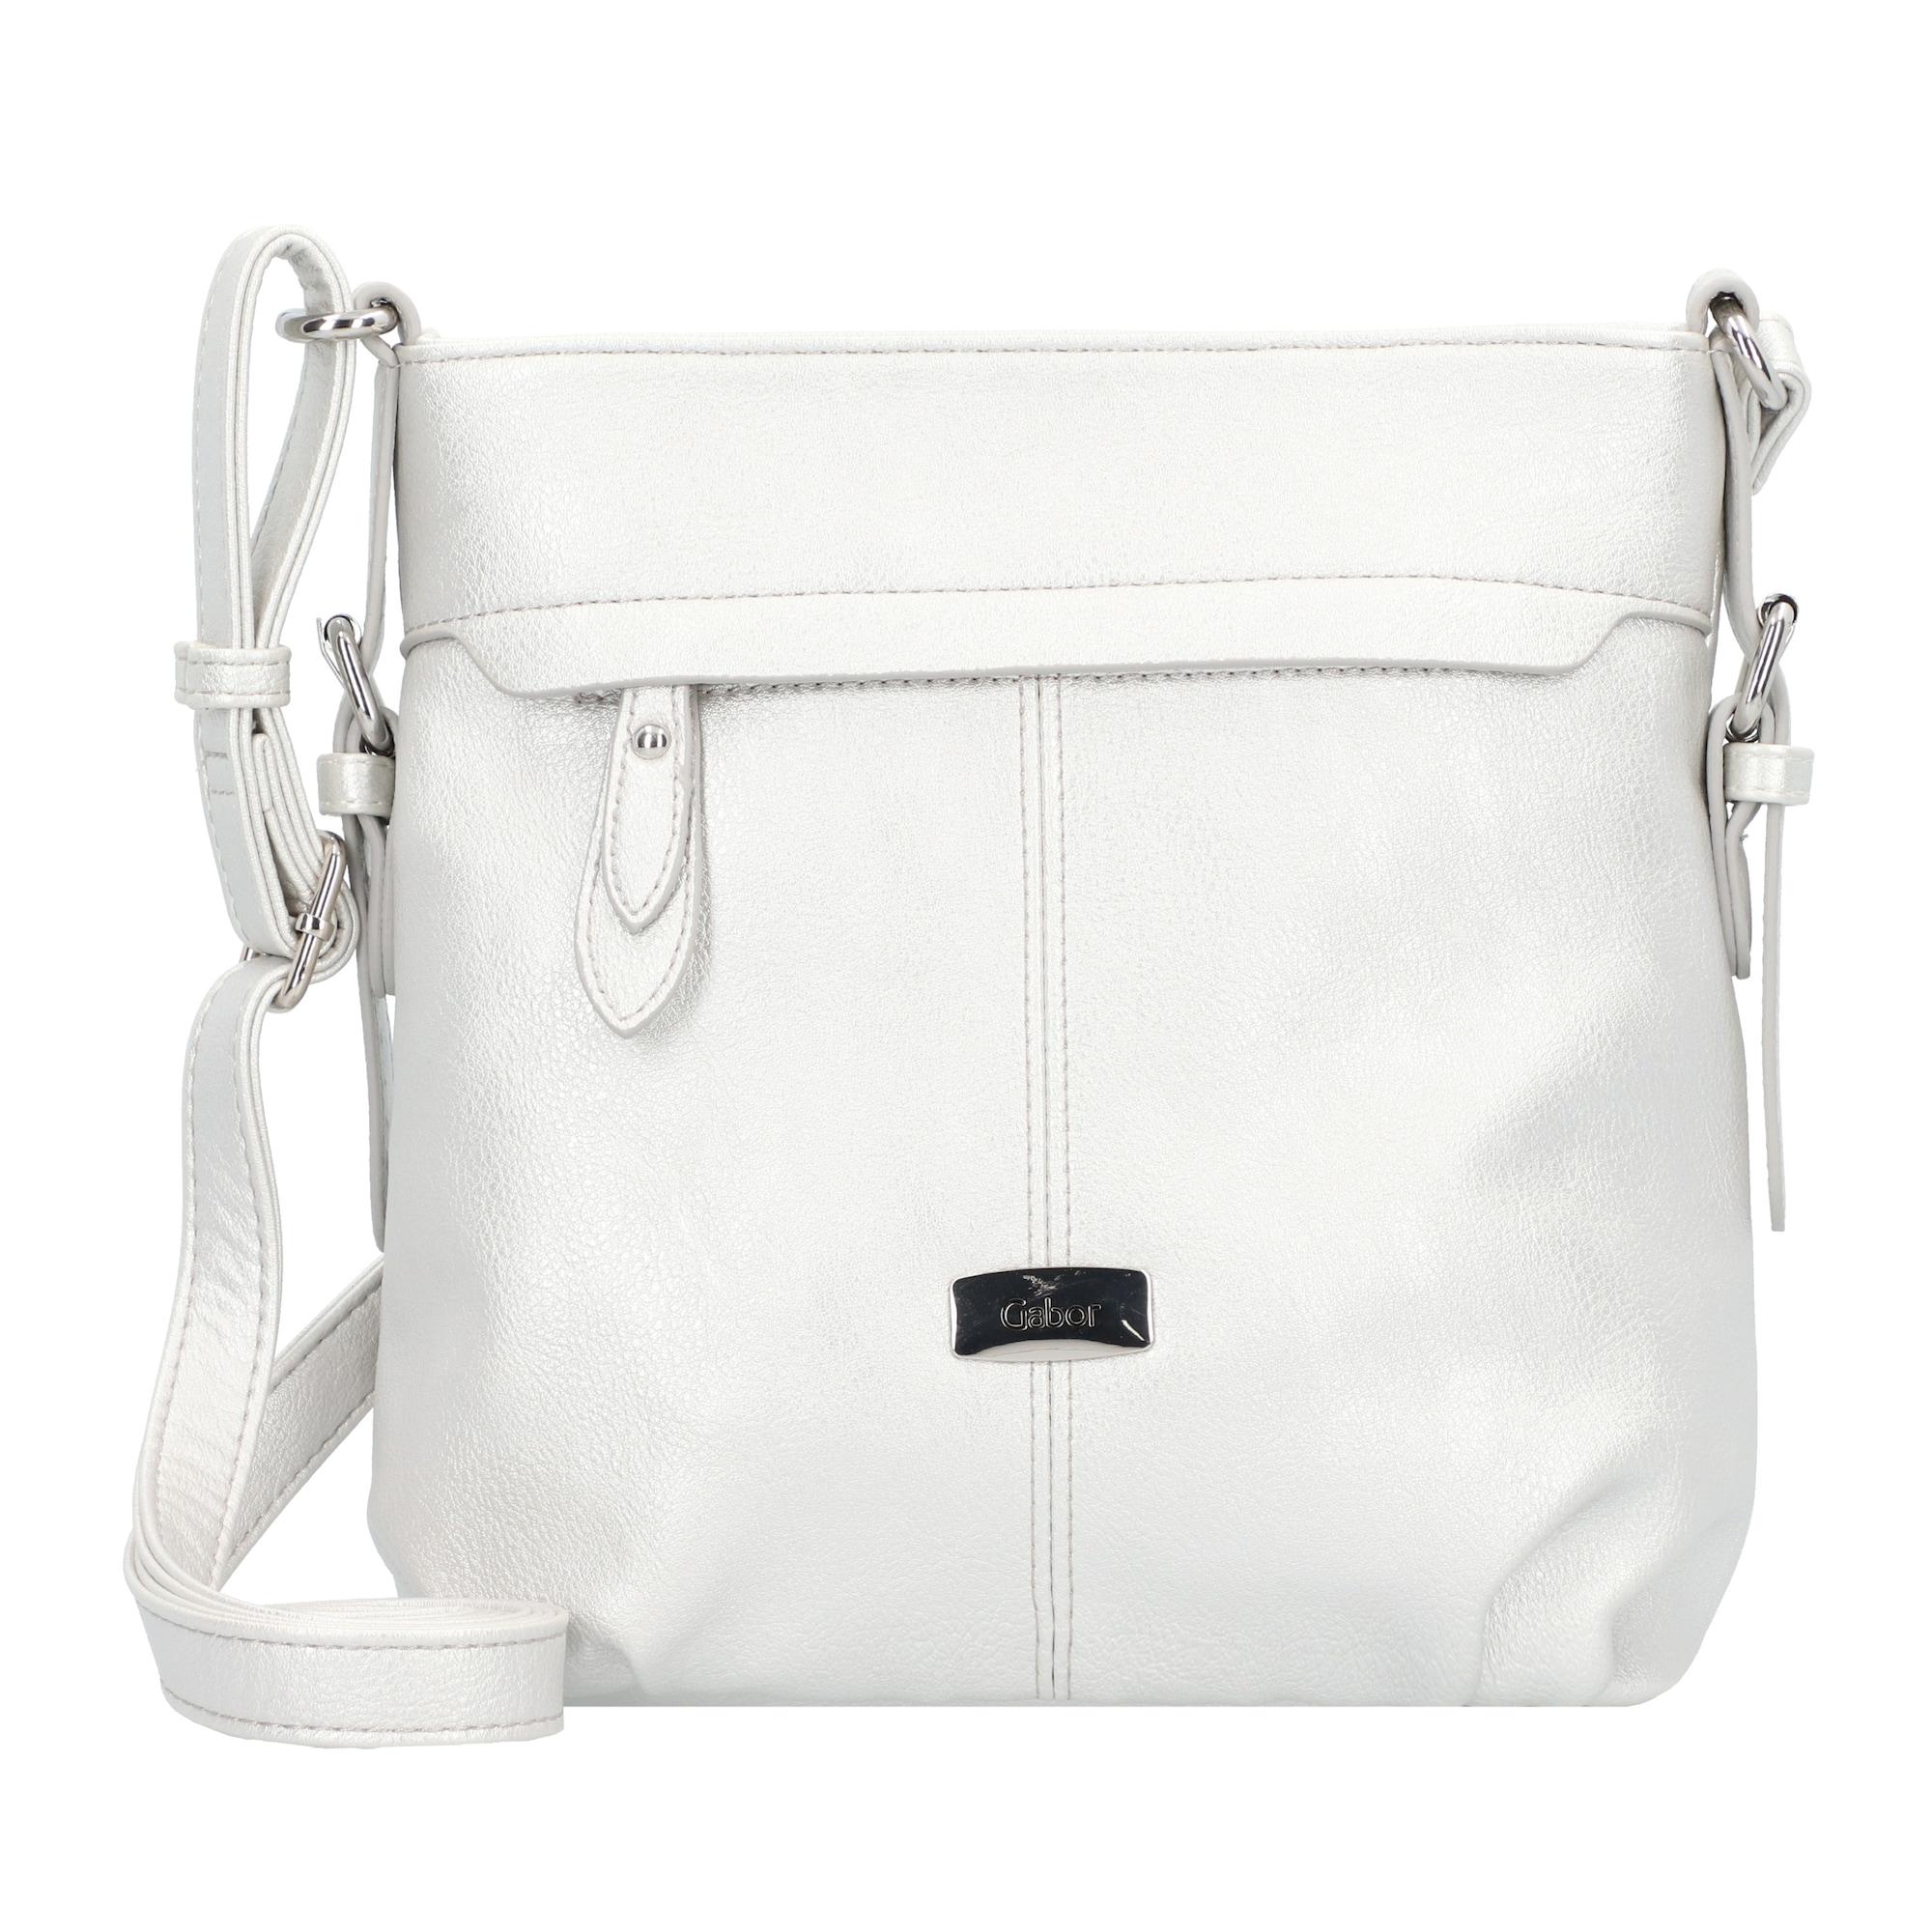 Umhängetasche 'Lisa' | Taschen > Handtaschen > Umhängetaschen | Weiß | Gabor